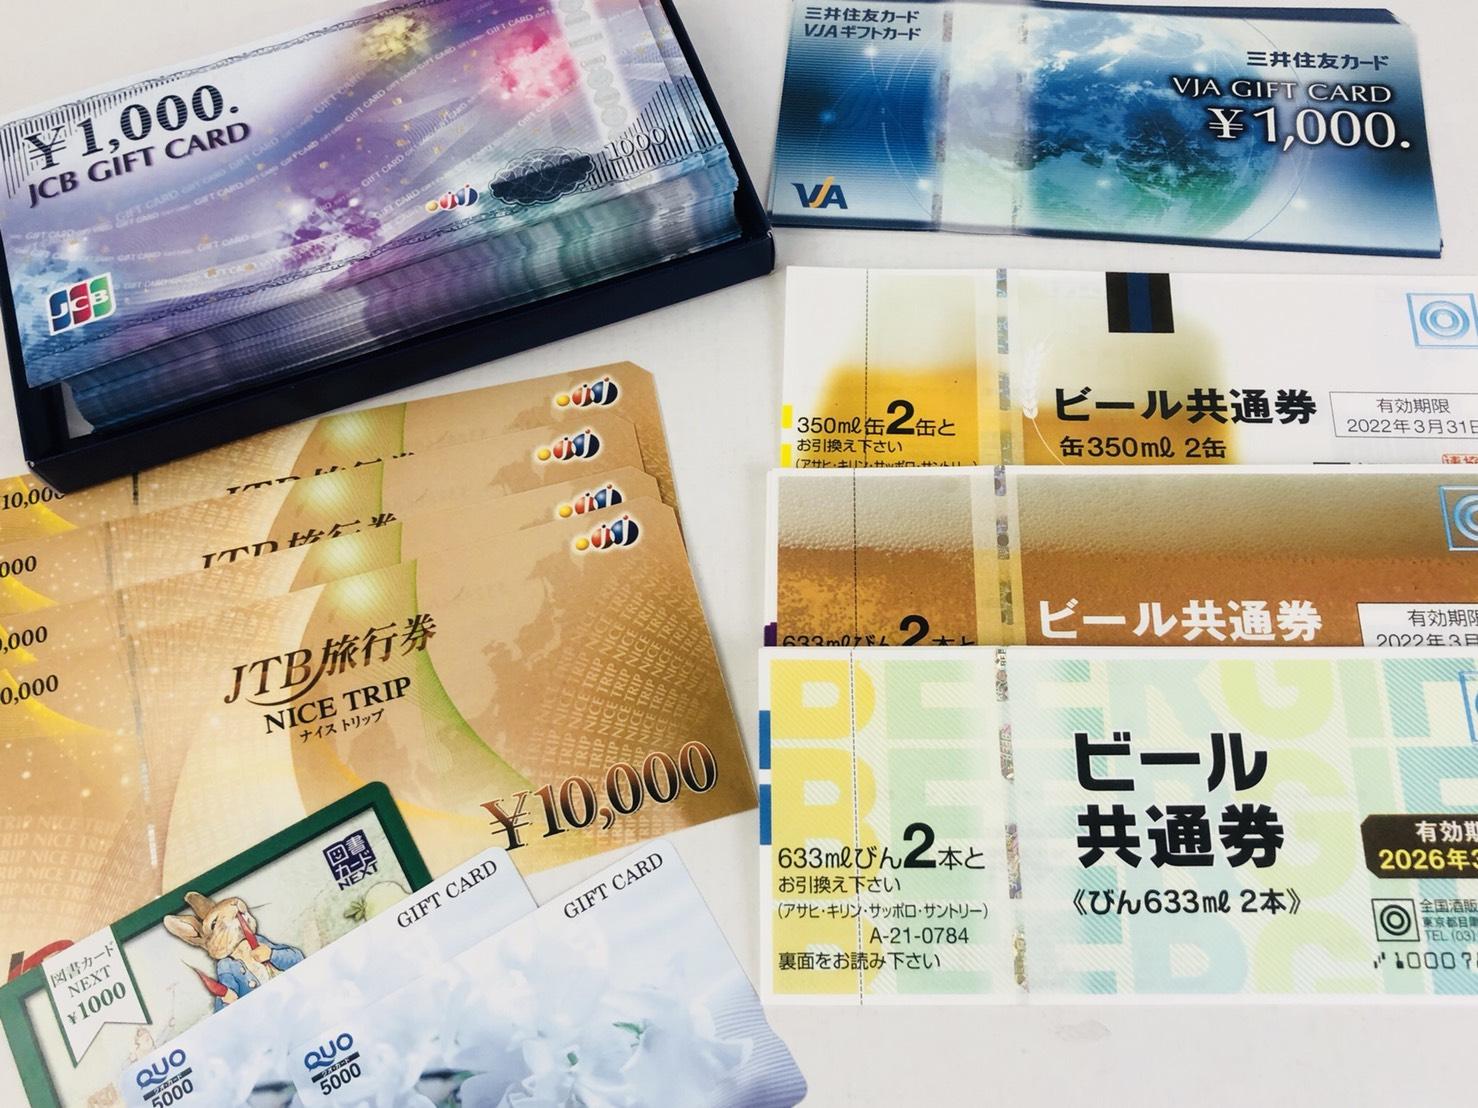 換金 図書 カード